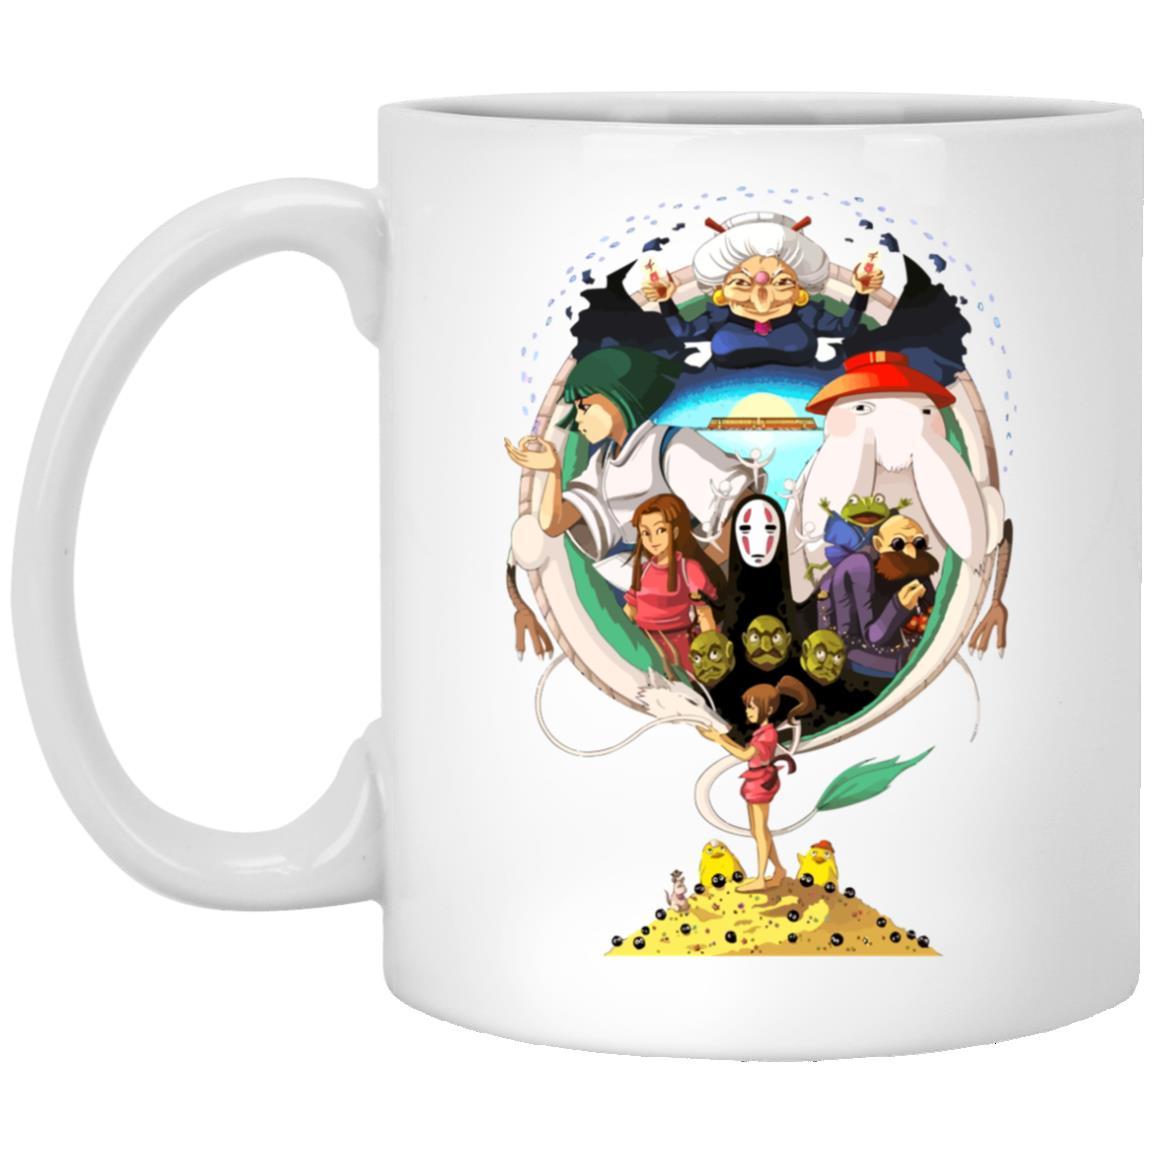 Spirited Away Characters Compilation Mug